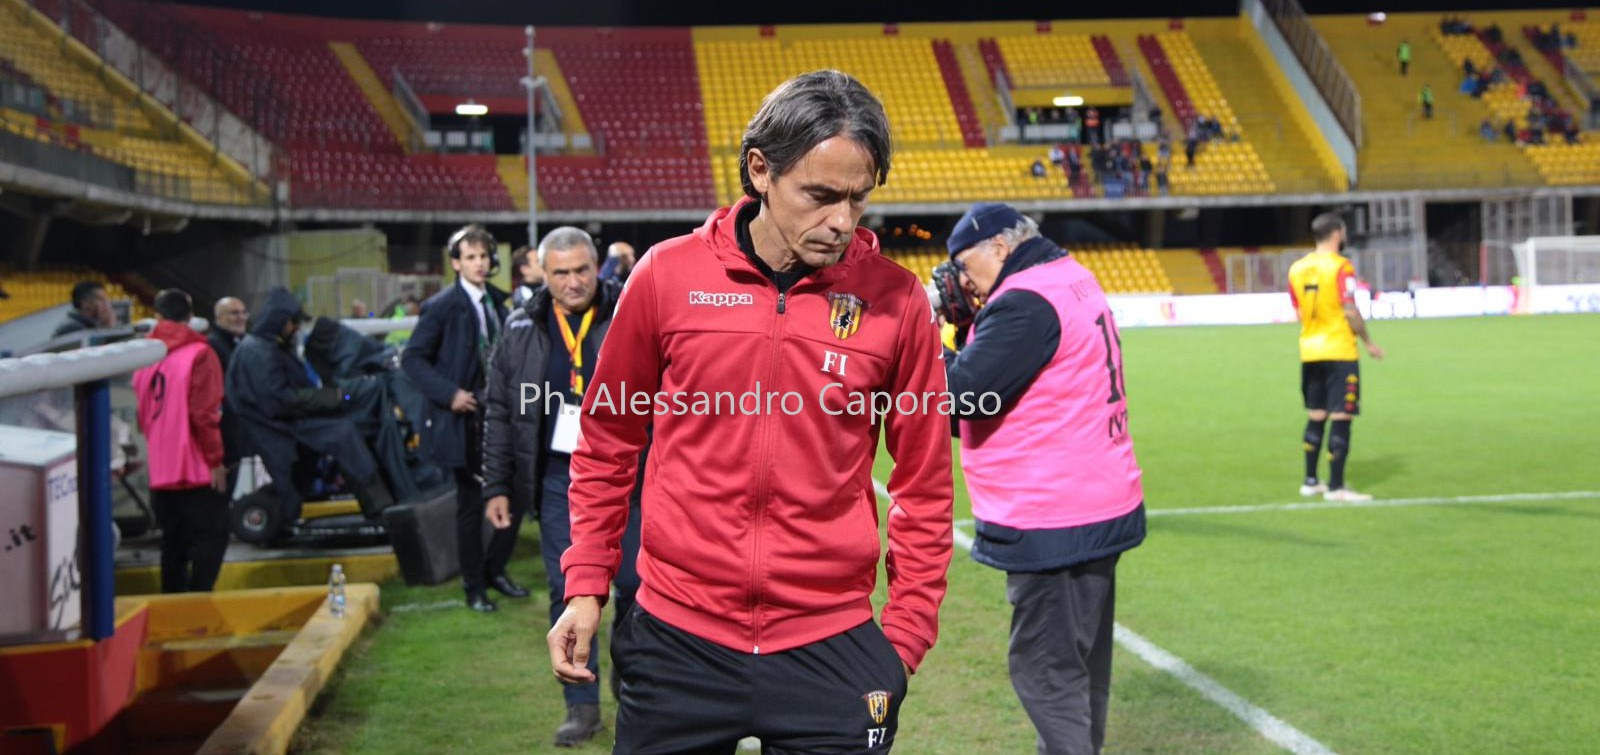 """Benevento, Inzaghi verso la Fiorentina: """"Prima di fare processi ci vuole coerenza. Siamo pronti per una bella partita"""""""